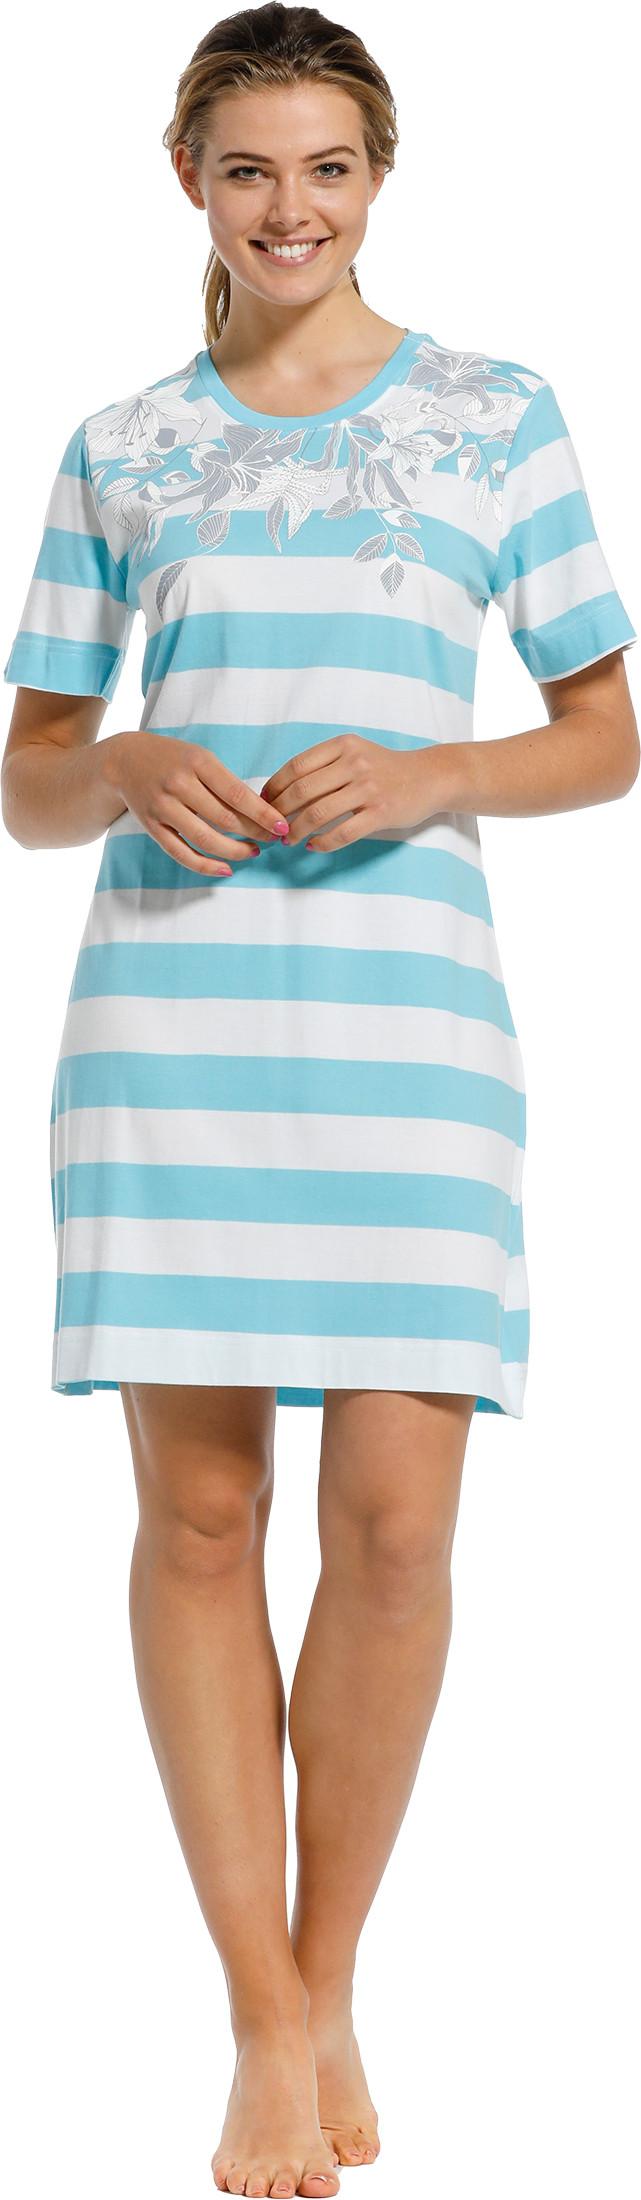 Dames nachthemd Pastunette 10211-151-2-42